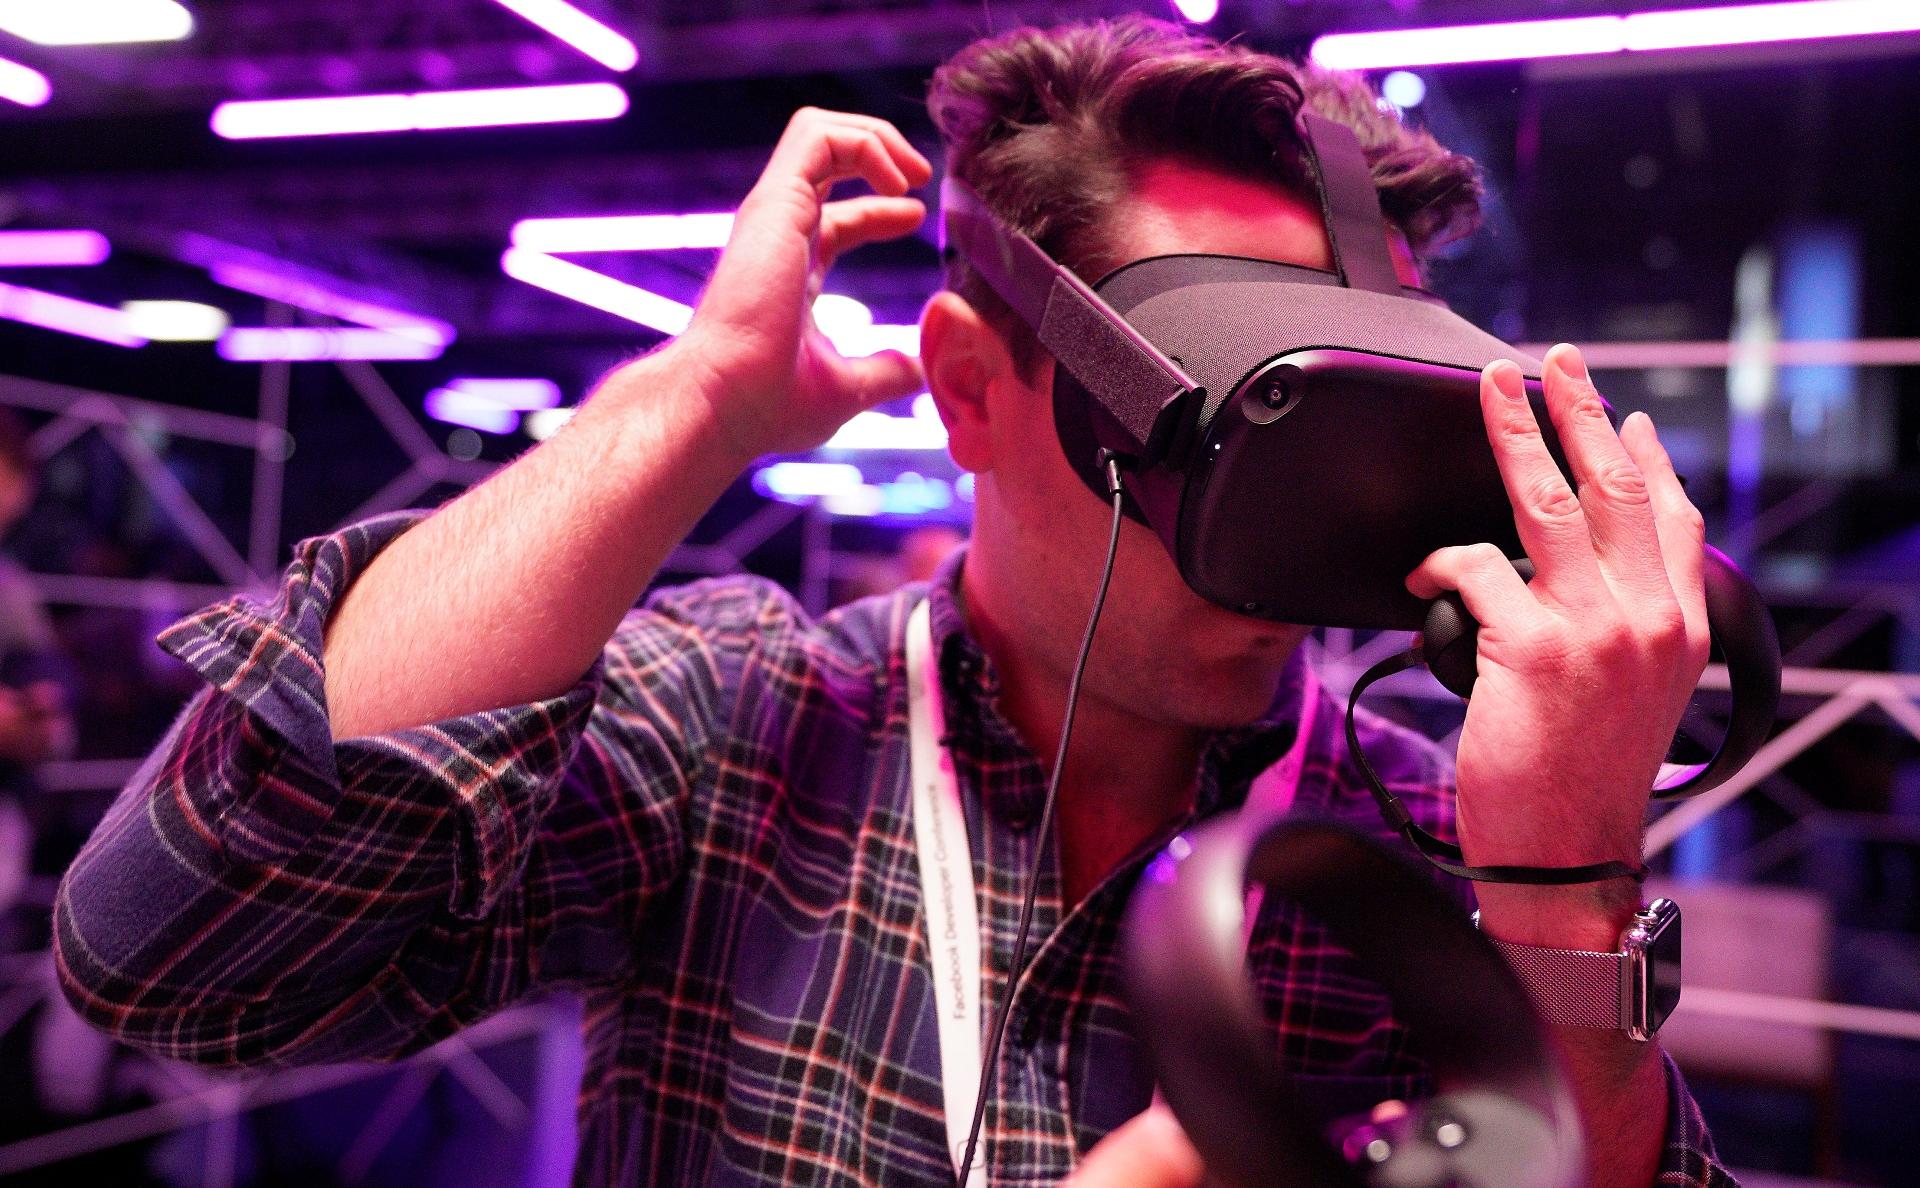 Microsoft представила платформу для общения в виртуальной реальности